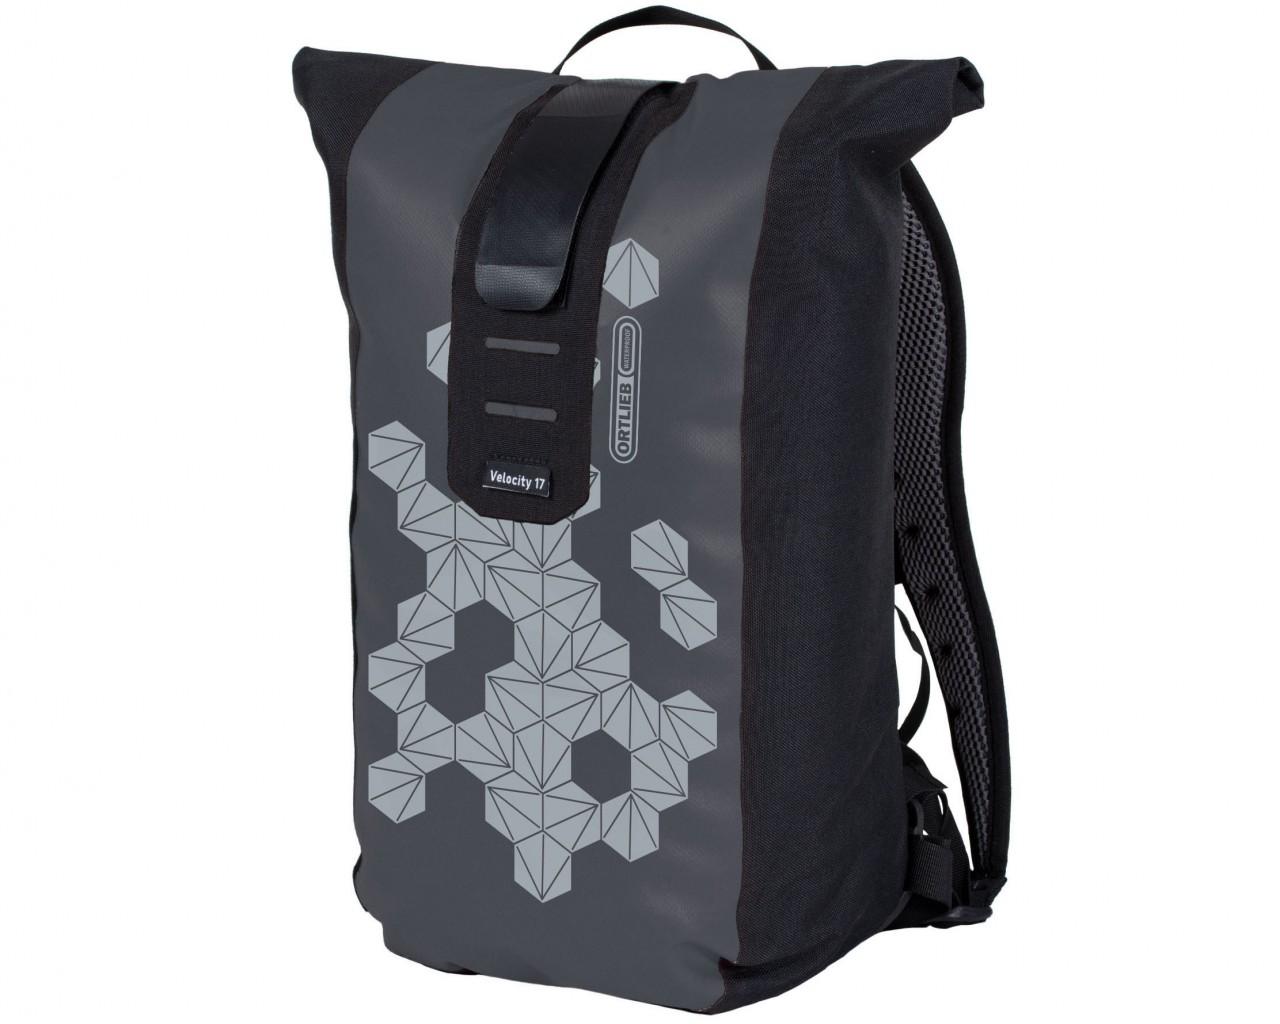 Ortlieb Velocity Design 17 litres waterproof Bike Backpack | prism